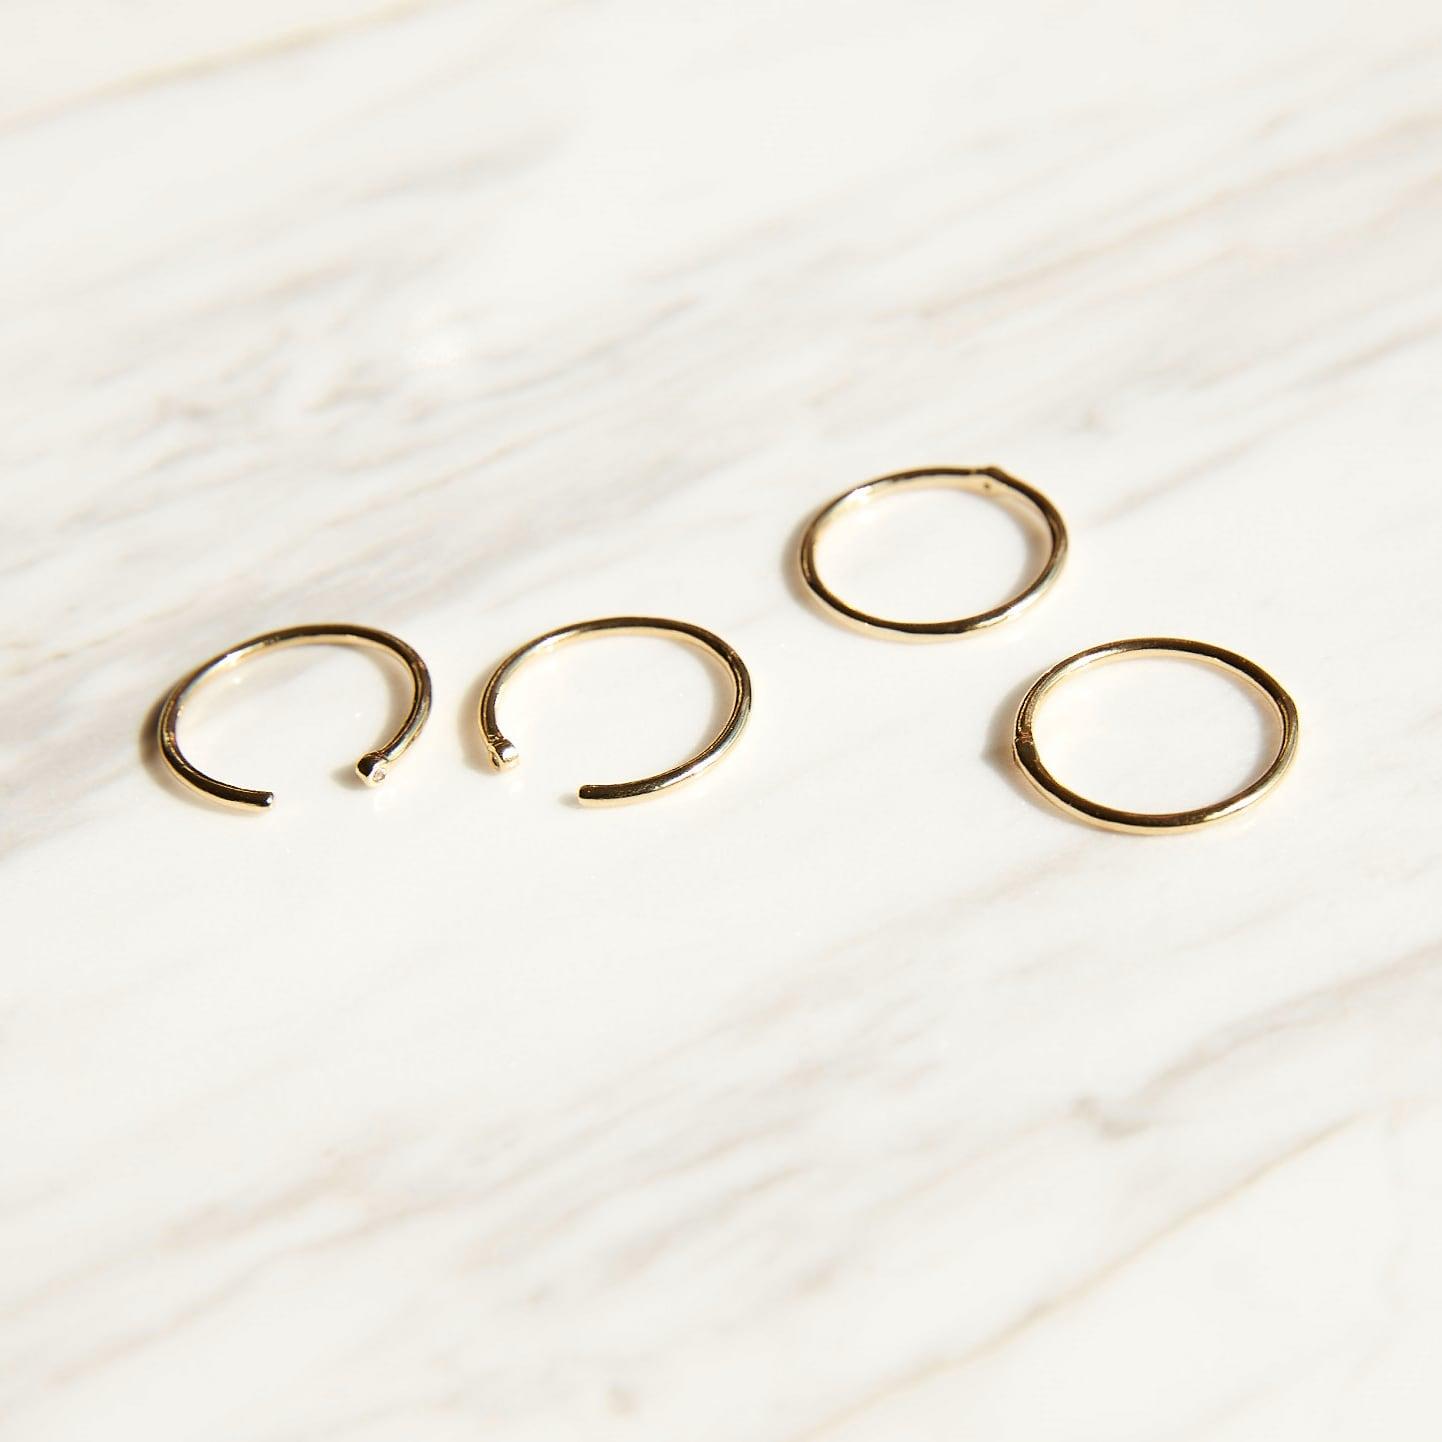 nim-22 Ring